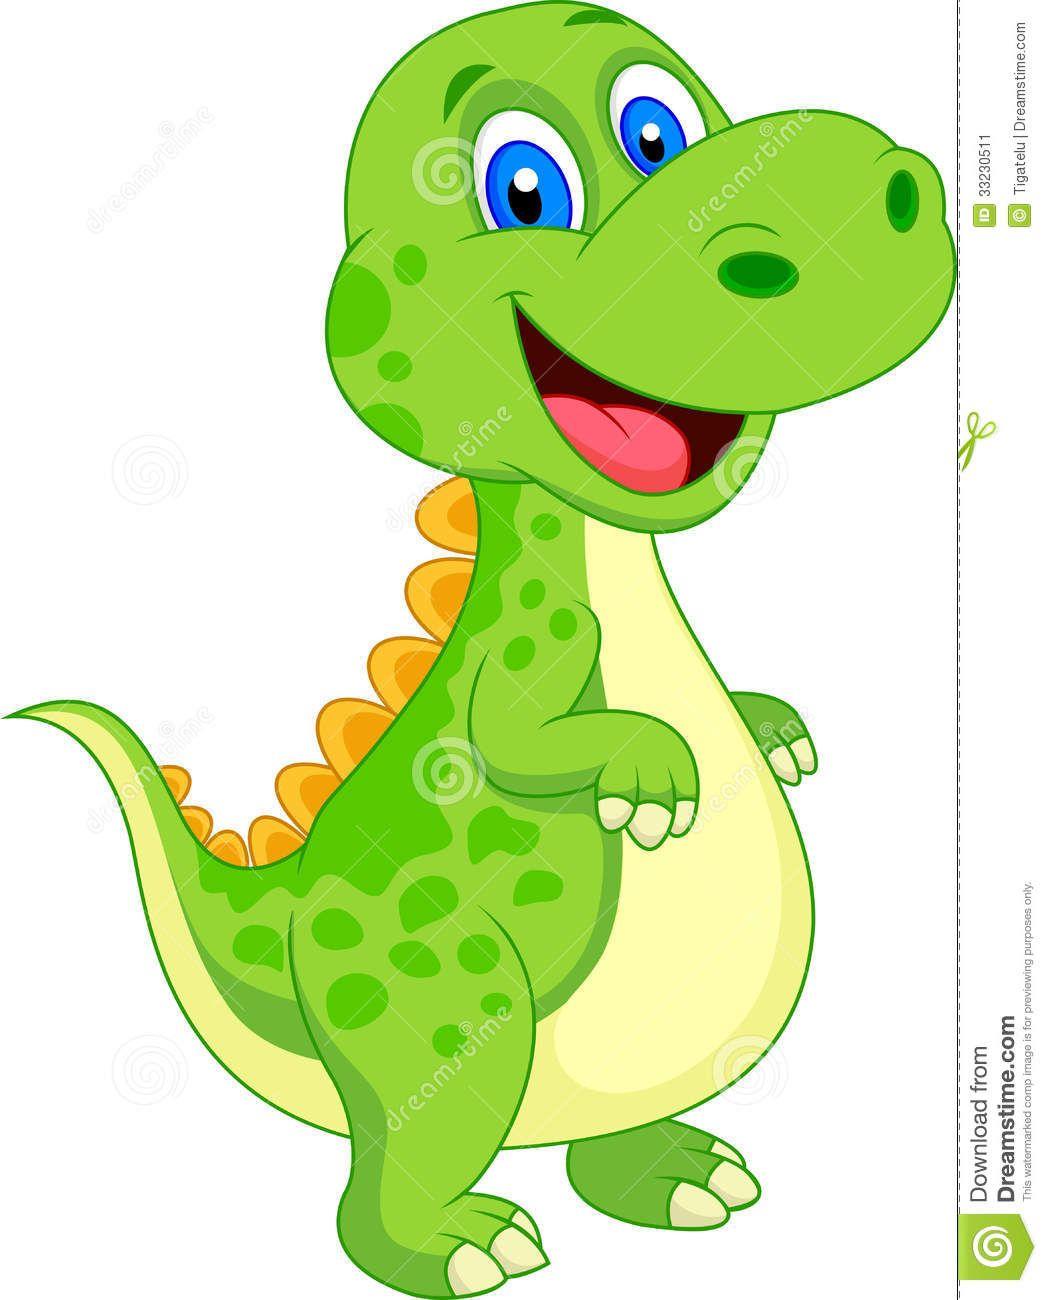 Cute Dinosaur Cartoon Stock Image Image 33230511 Dinosaur